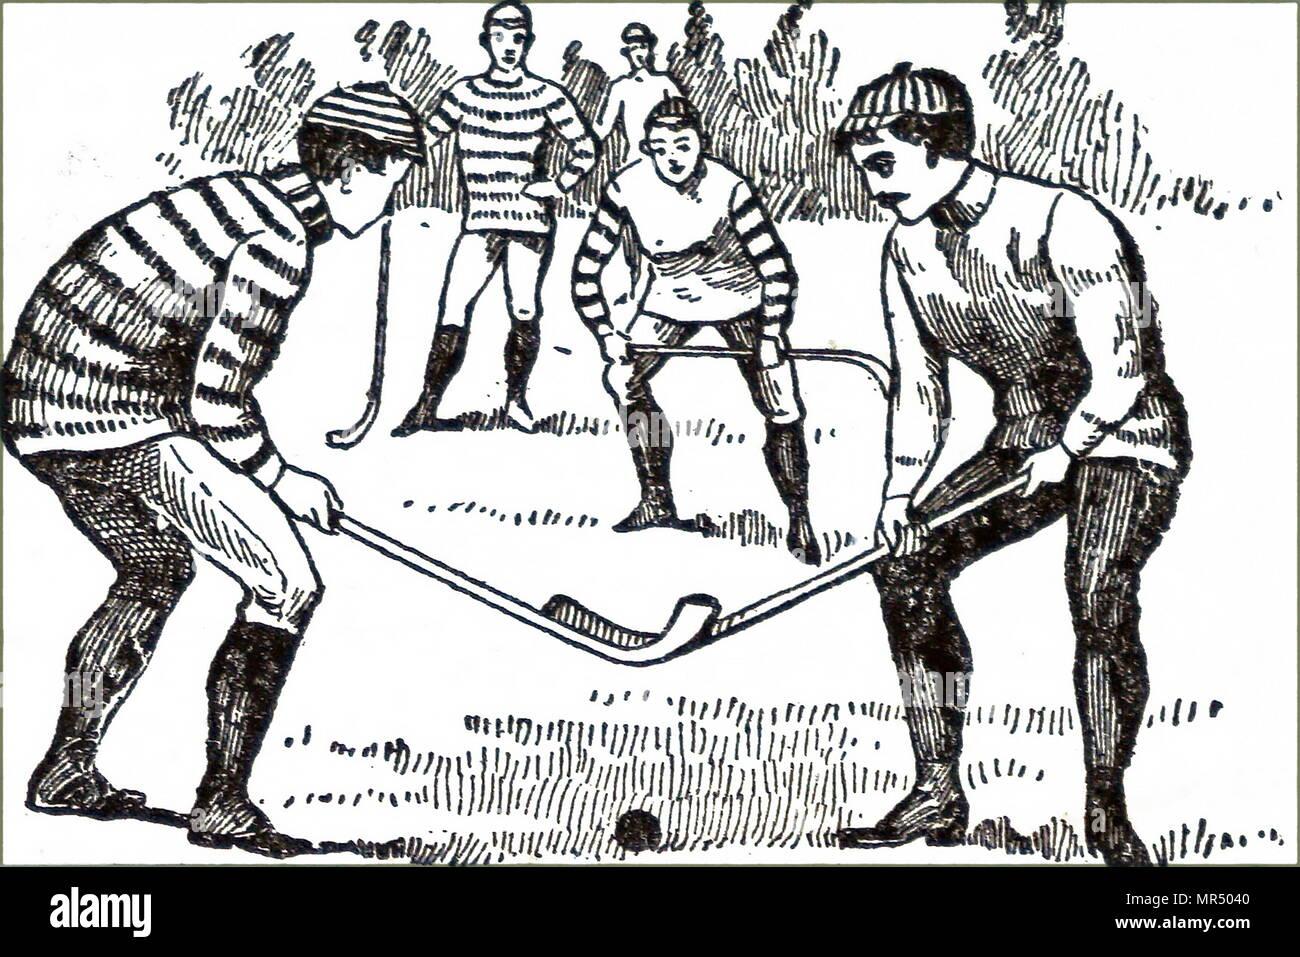 Illustration les hommes jouant un jeu de hockey sur gazon. En date du 20e siècle Photo Stock